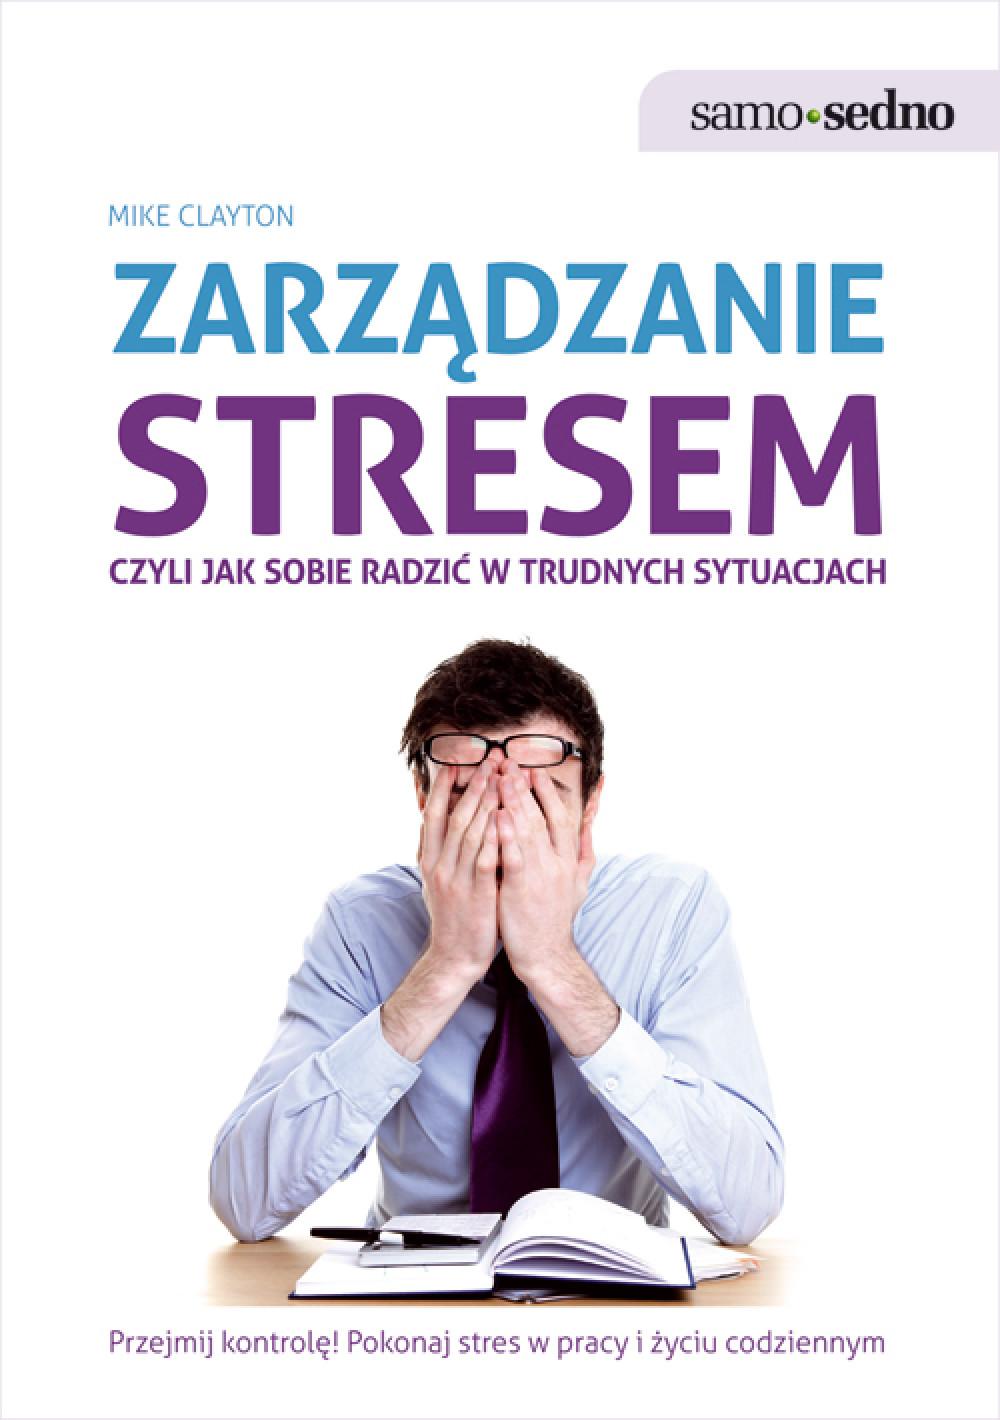 Samo Sedno - Zarządzanie stresem, czyli jak sobie radzić w trudnych sytuacjach ebook